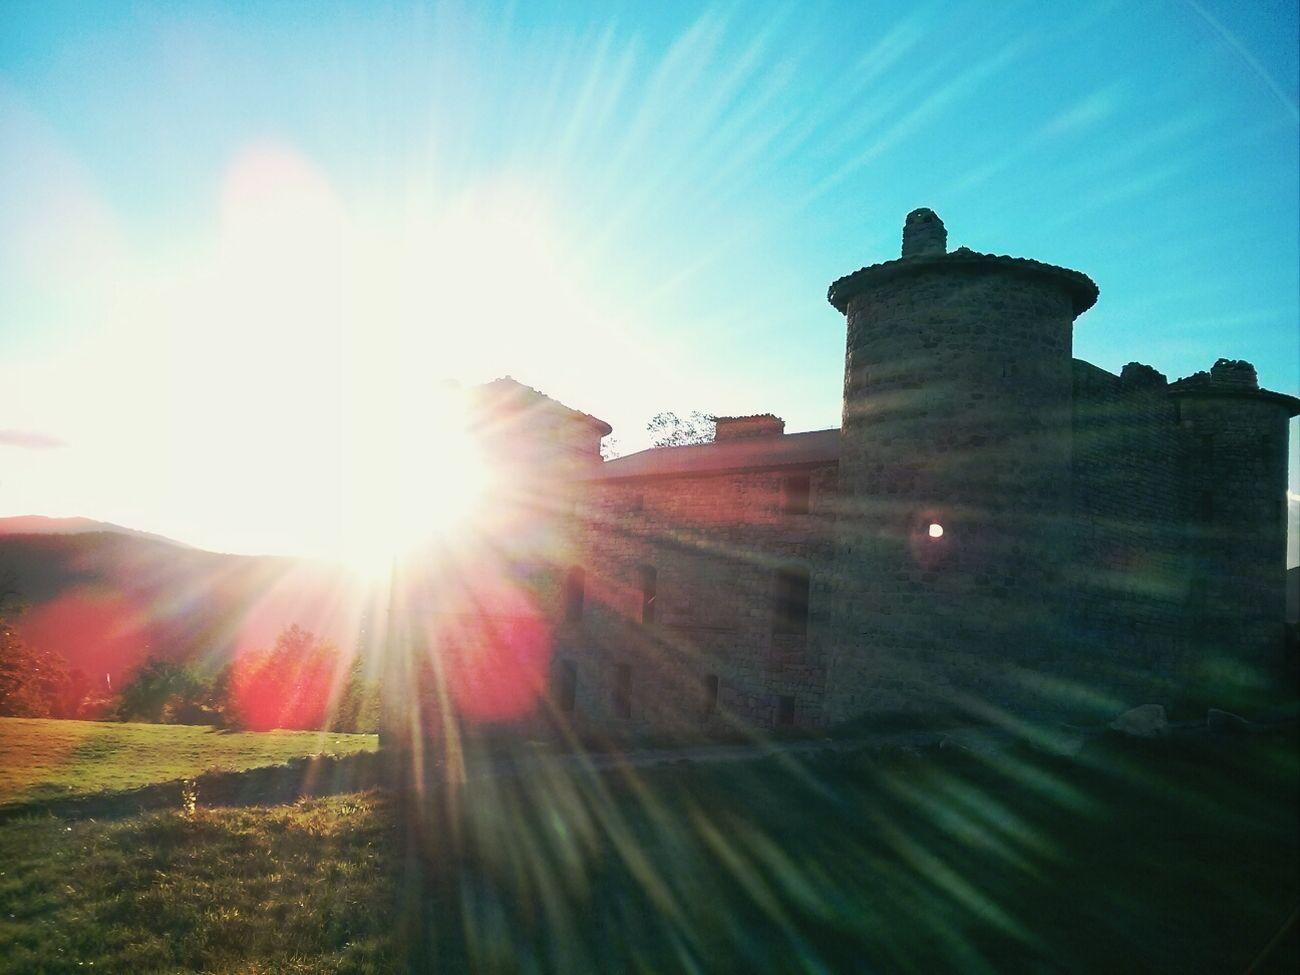 Le château de craux est envahi par une lumière divine